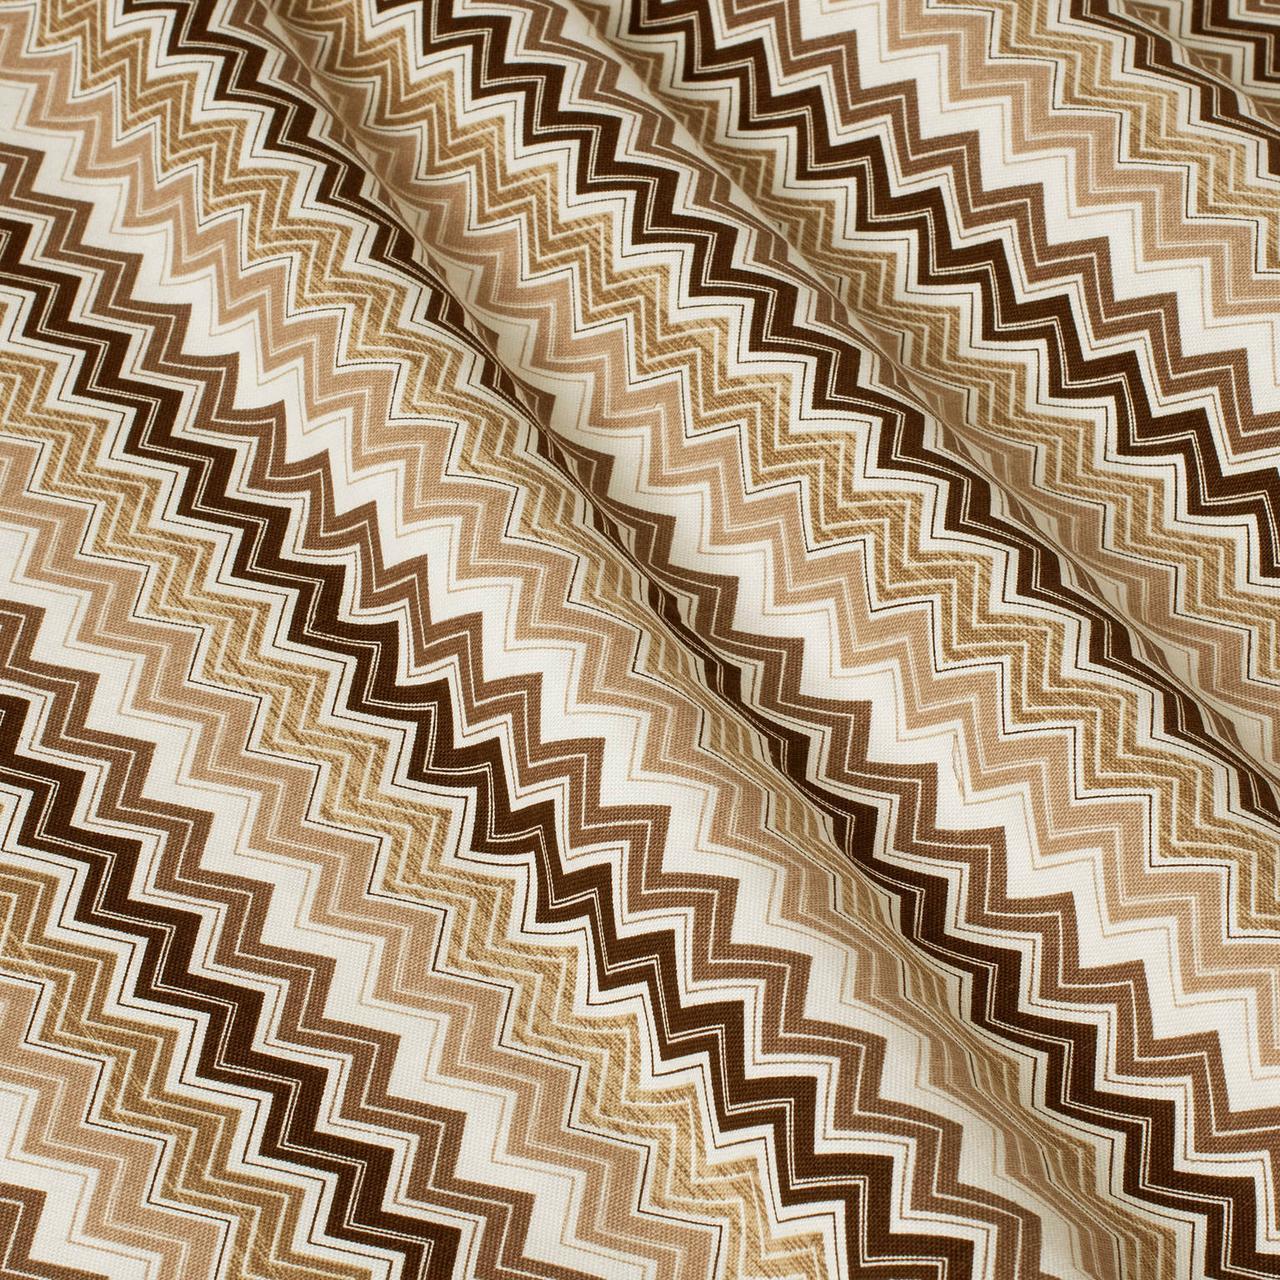 Декоративна тканина зигзаги міссоні коричні білі Туреччина 88008v9